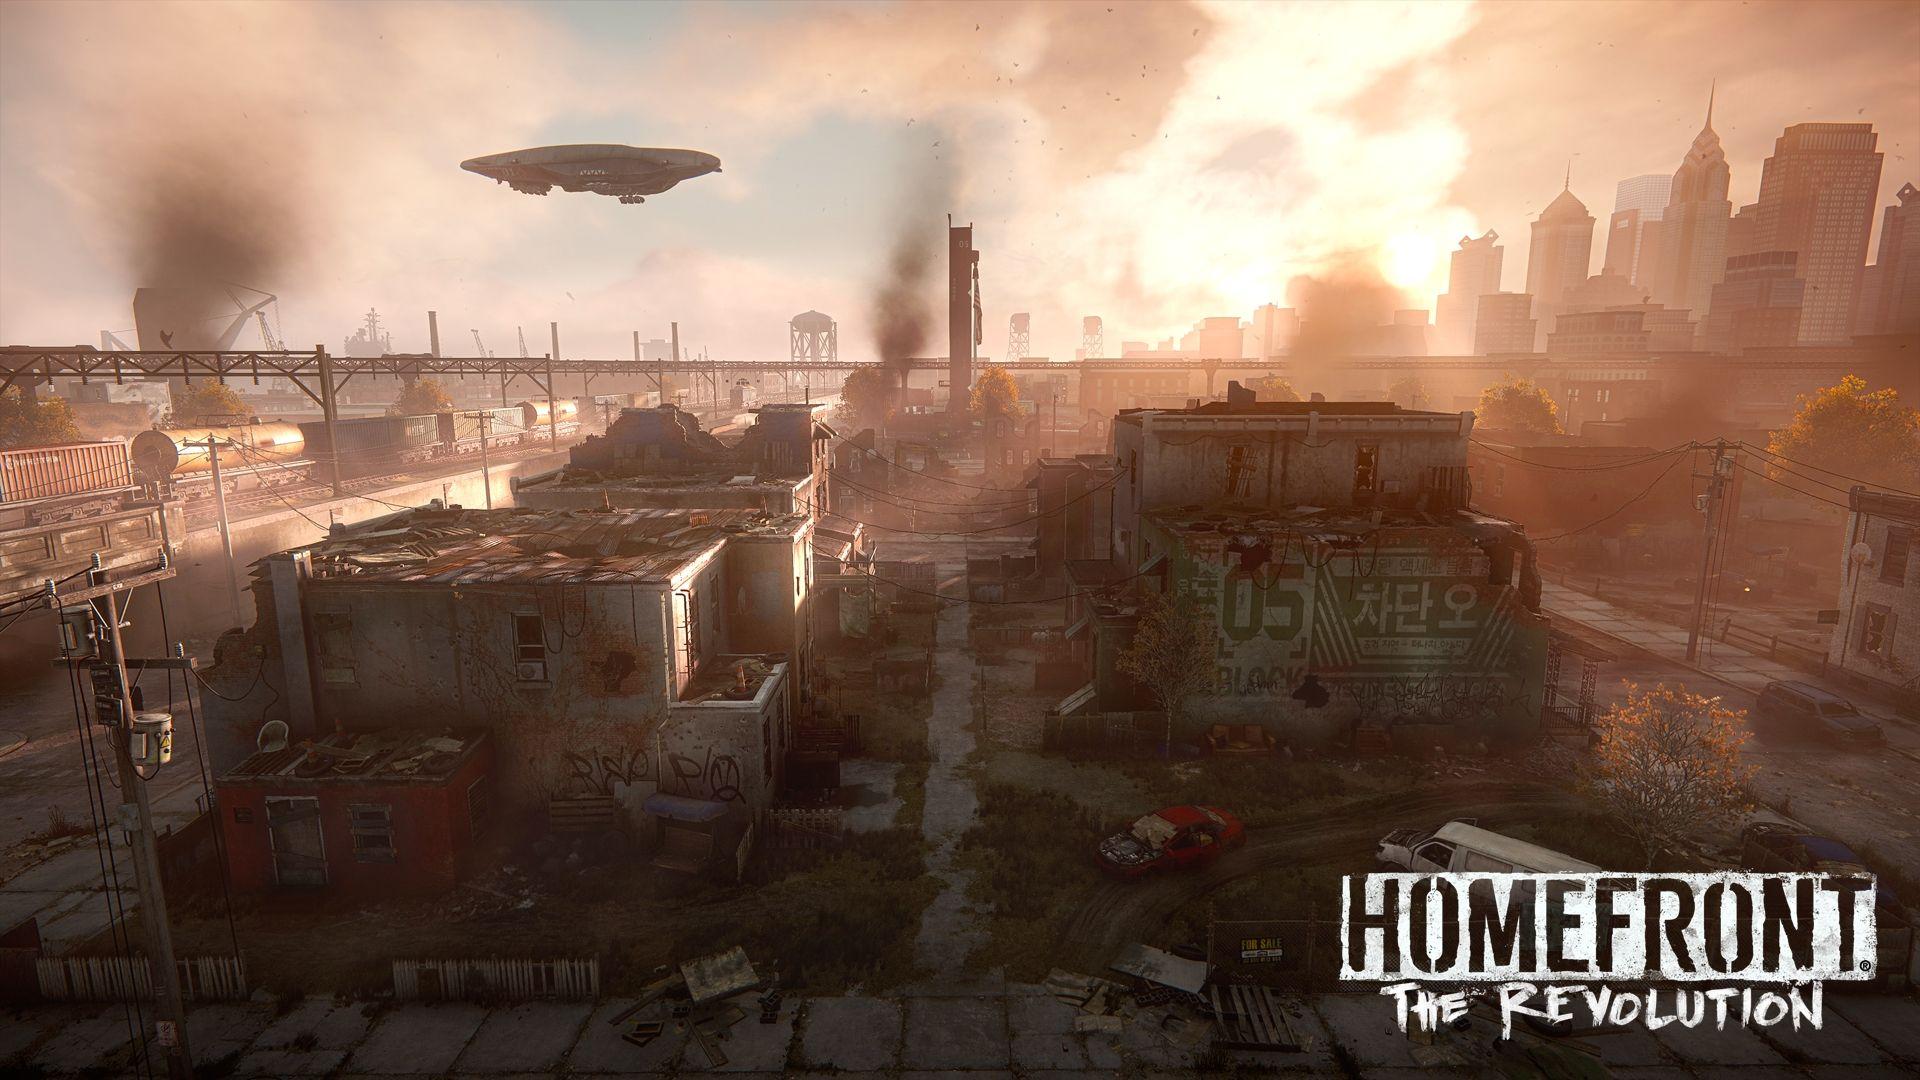 [E3 14] Primeras imágenes y trailer de Homefront: The Revolution para PS4, Xbox One y PC 7qg0